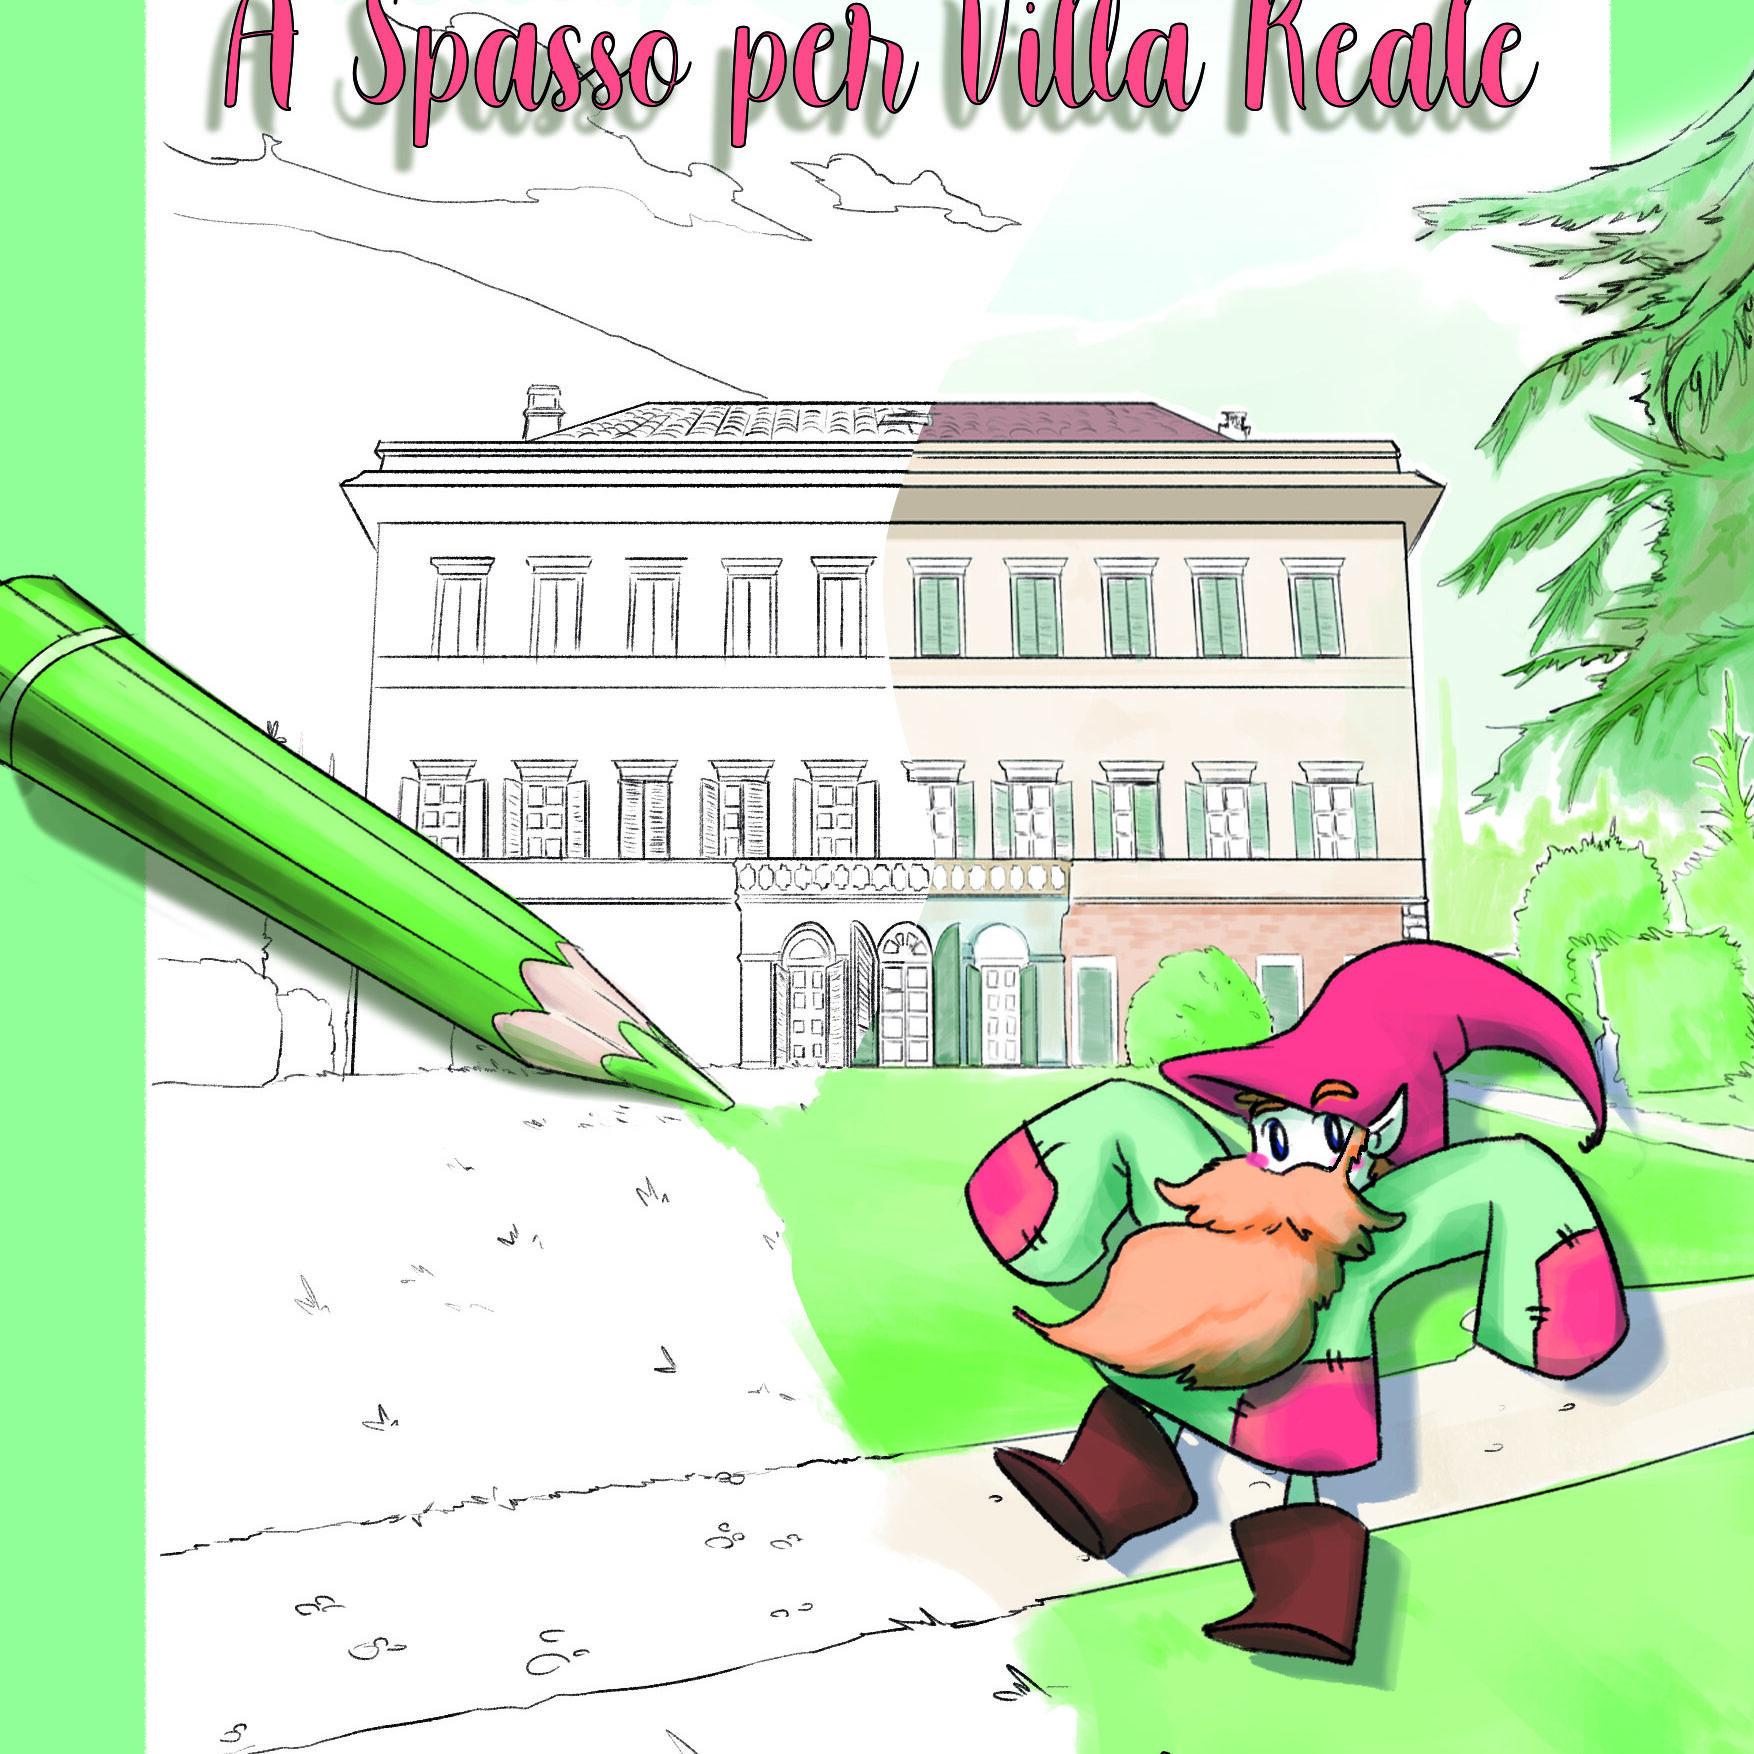 Copertina libro per bambini A spasso per Villa Reale